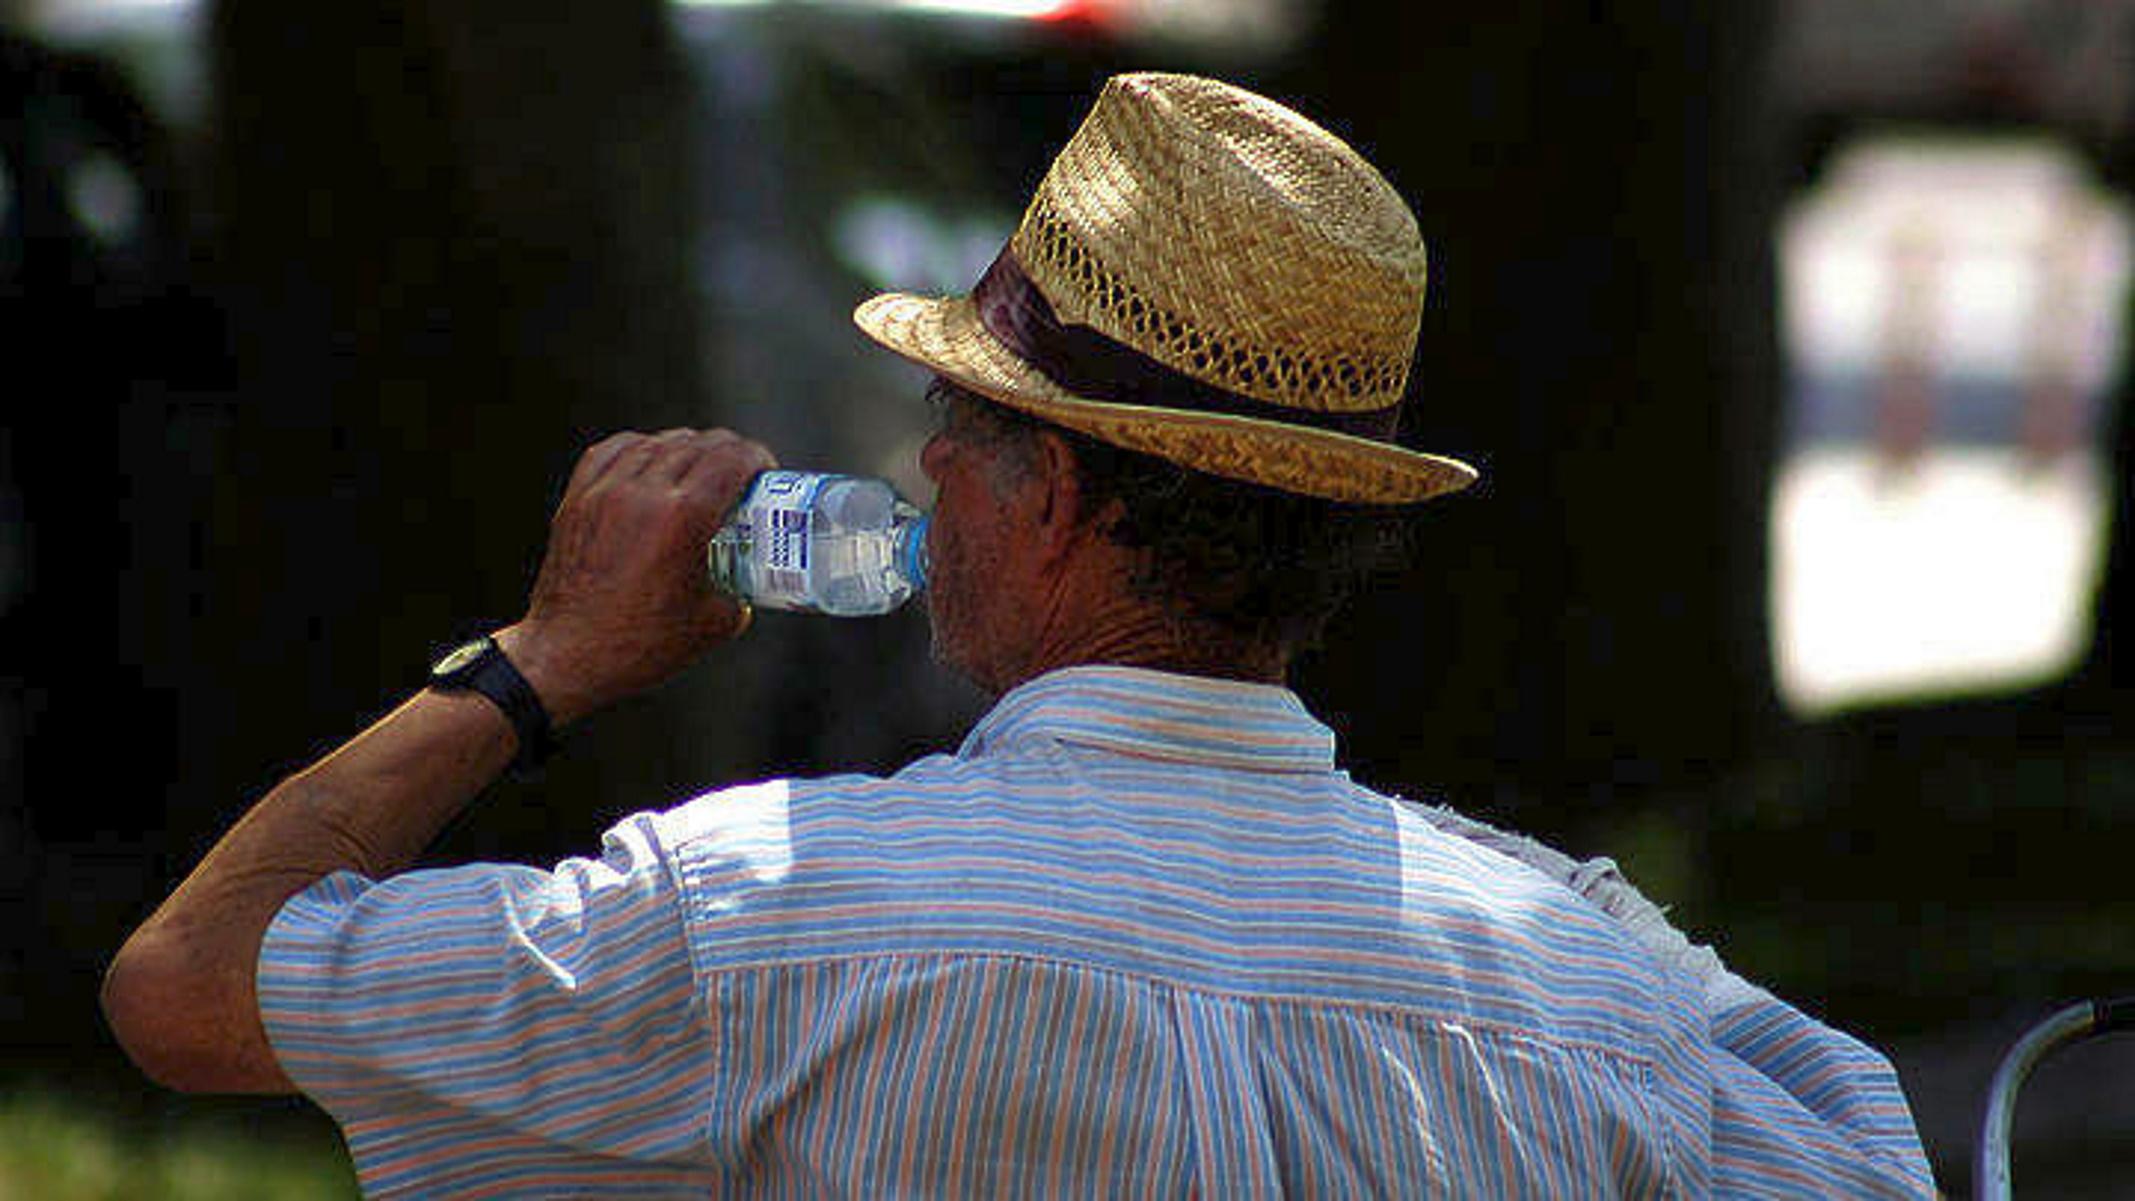 Καιρός σήμερα: Καλοκαιρινός με αφρικανική σκόνη και ζέστη